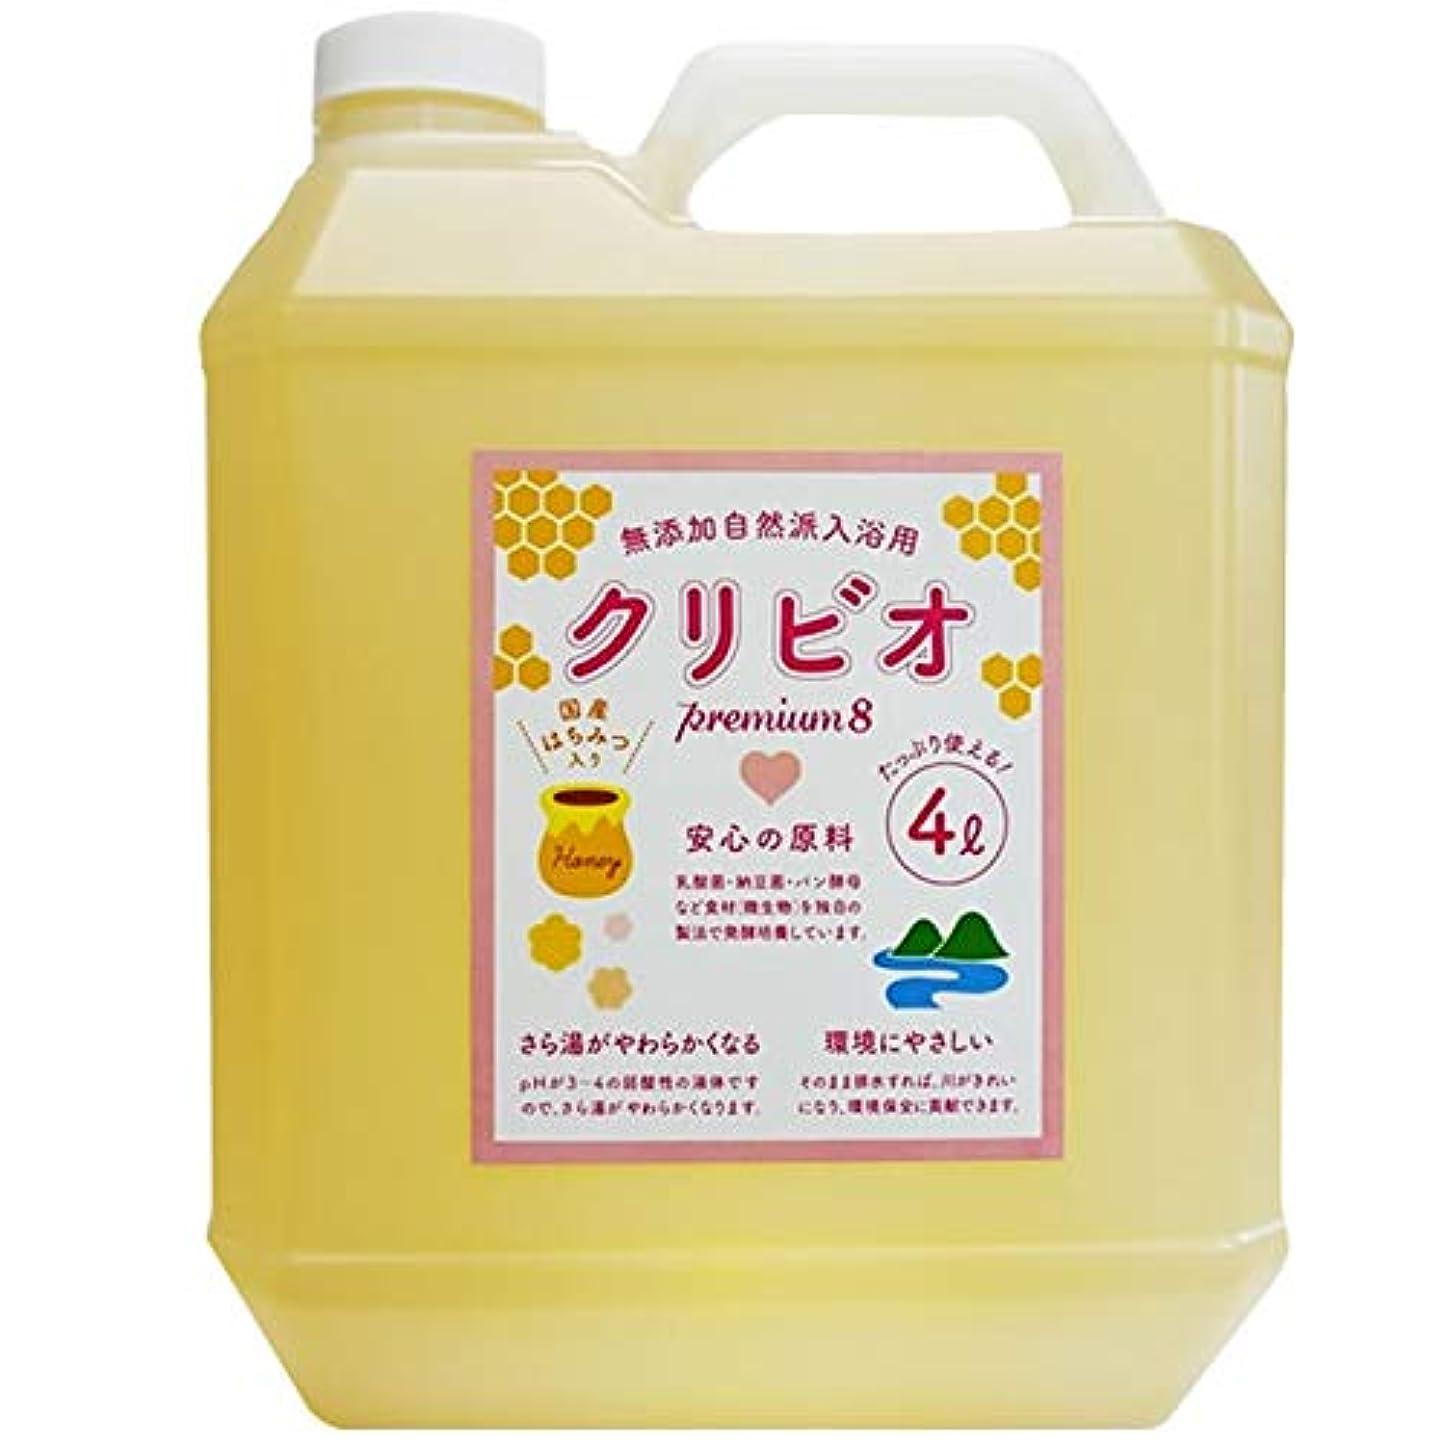 国ギャング買い物に行く国産蜂蜜乳酸菌入り 自然派入浴用クリビオpremium8 4リットルお徳用*計量カップ?L型ノズル付【無添加】